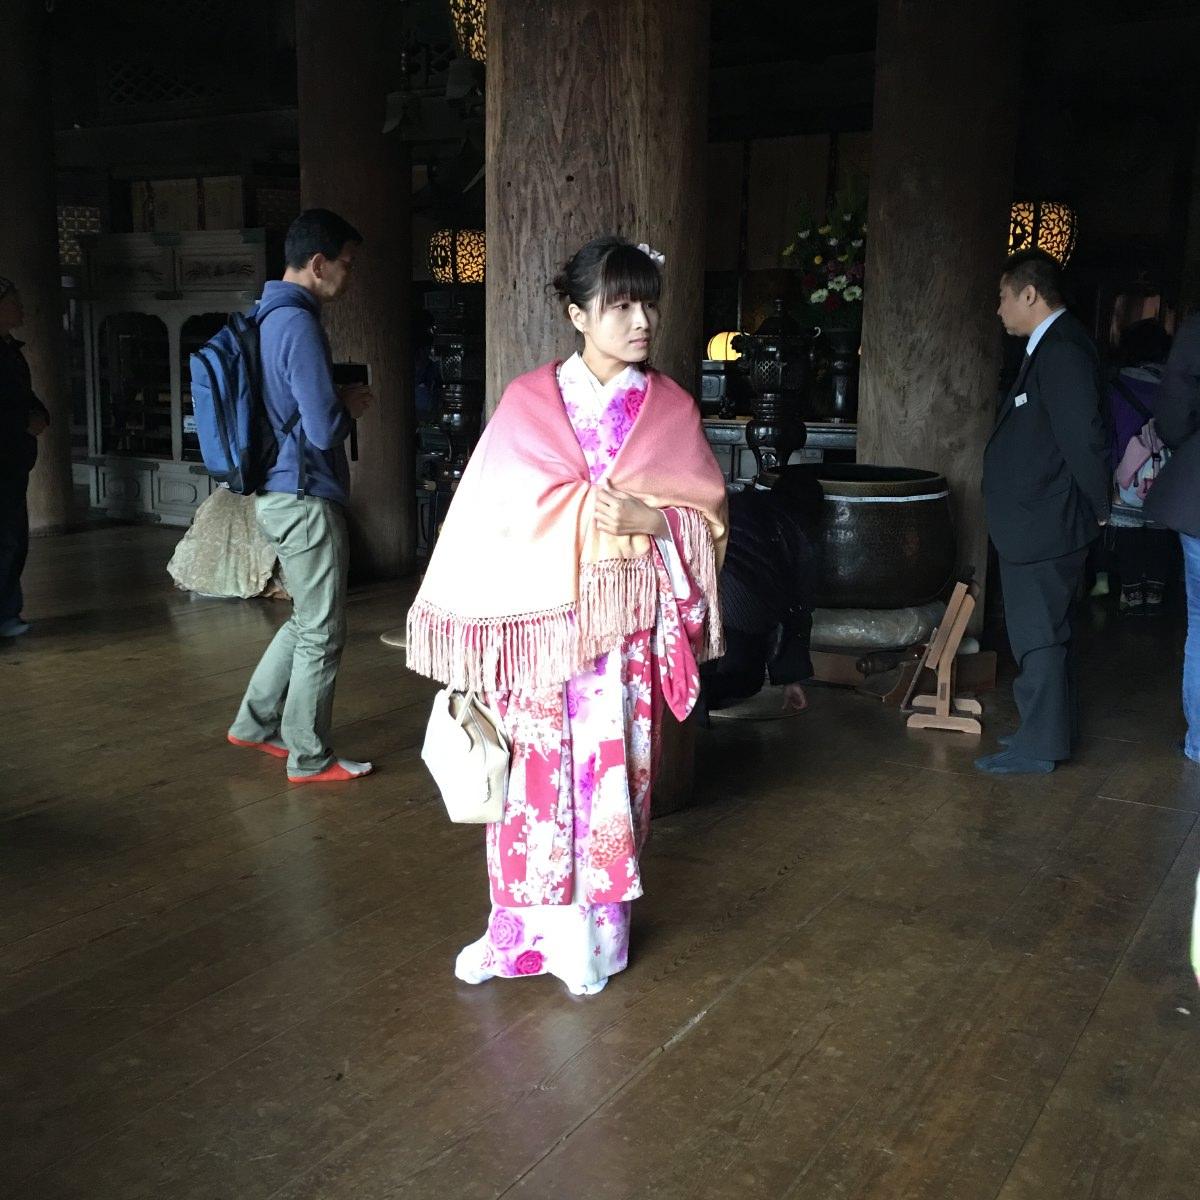 Dressed up girl in kimono